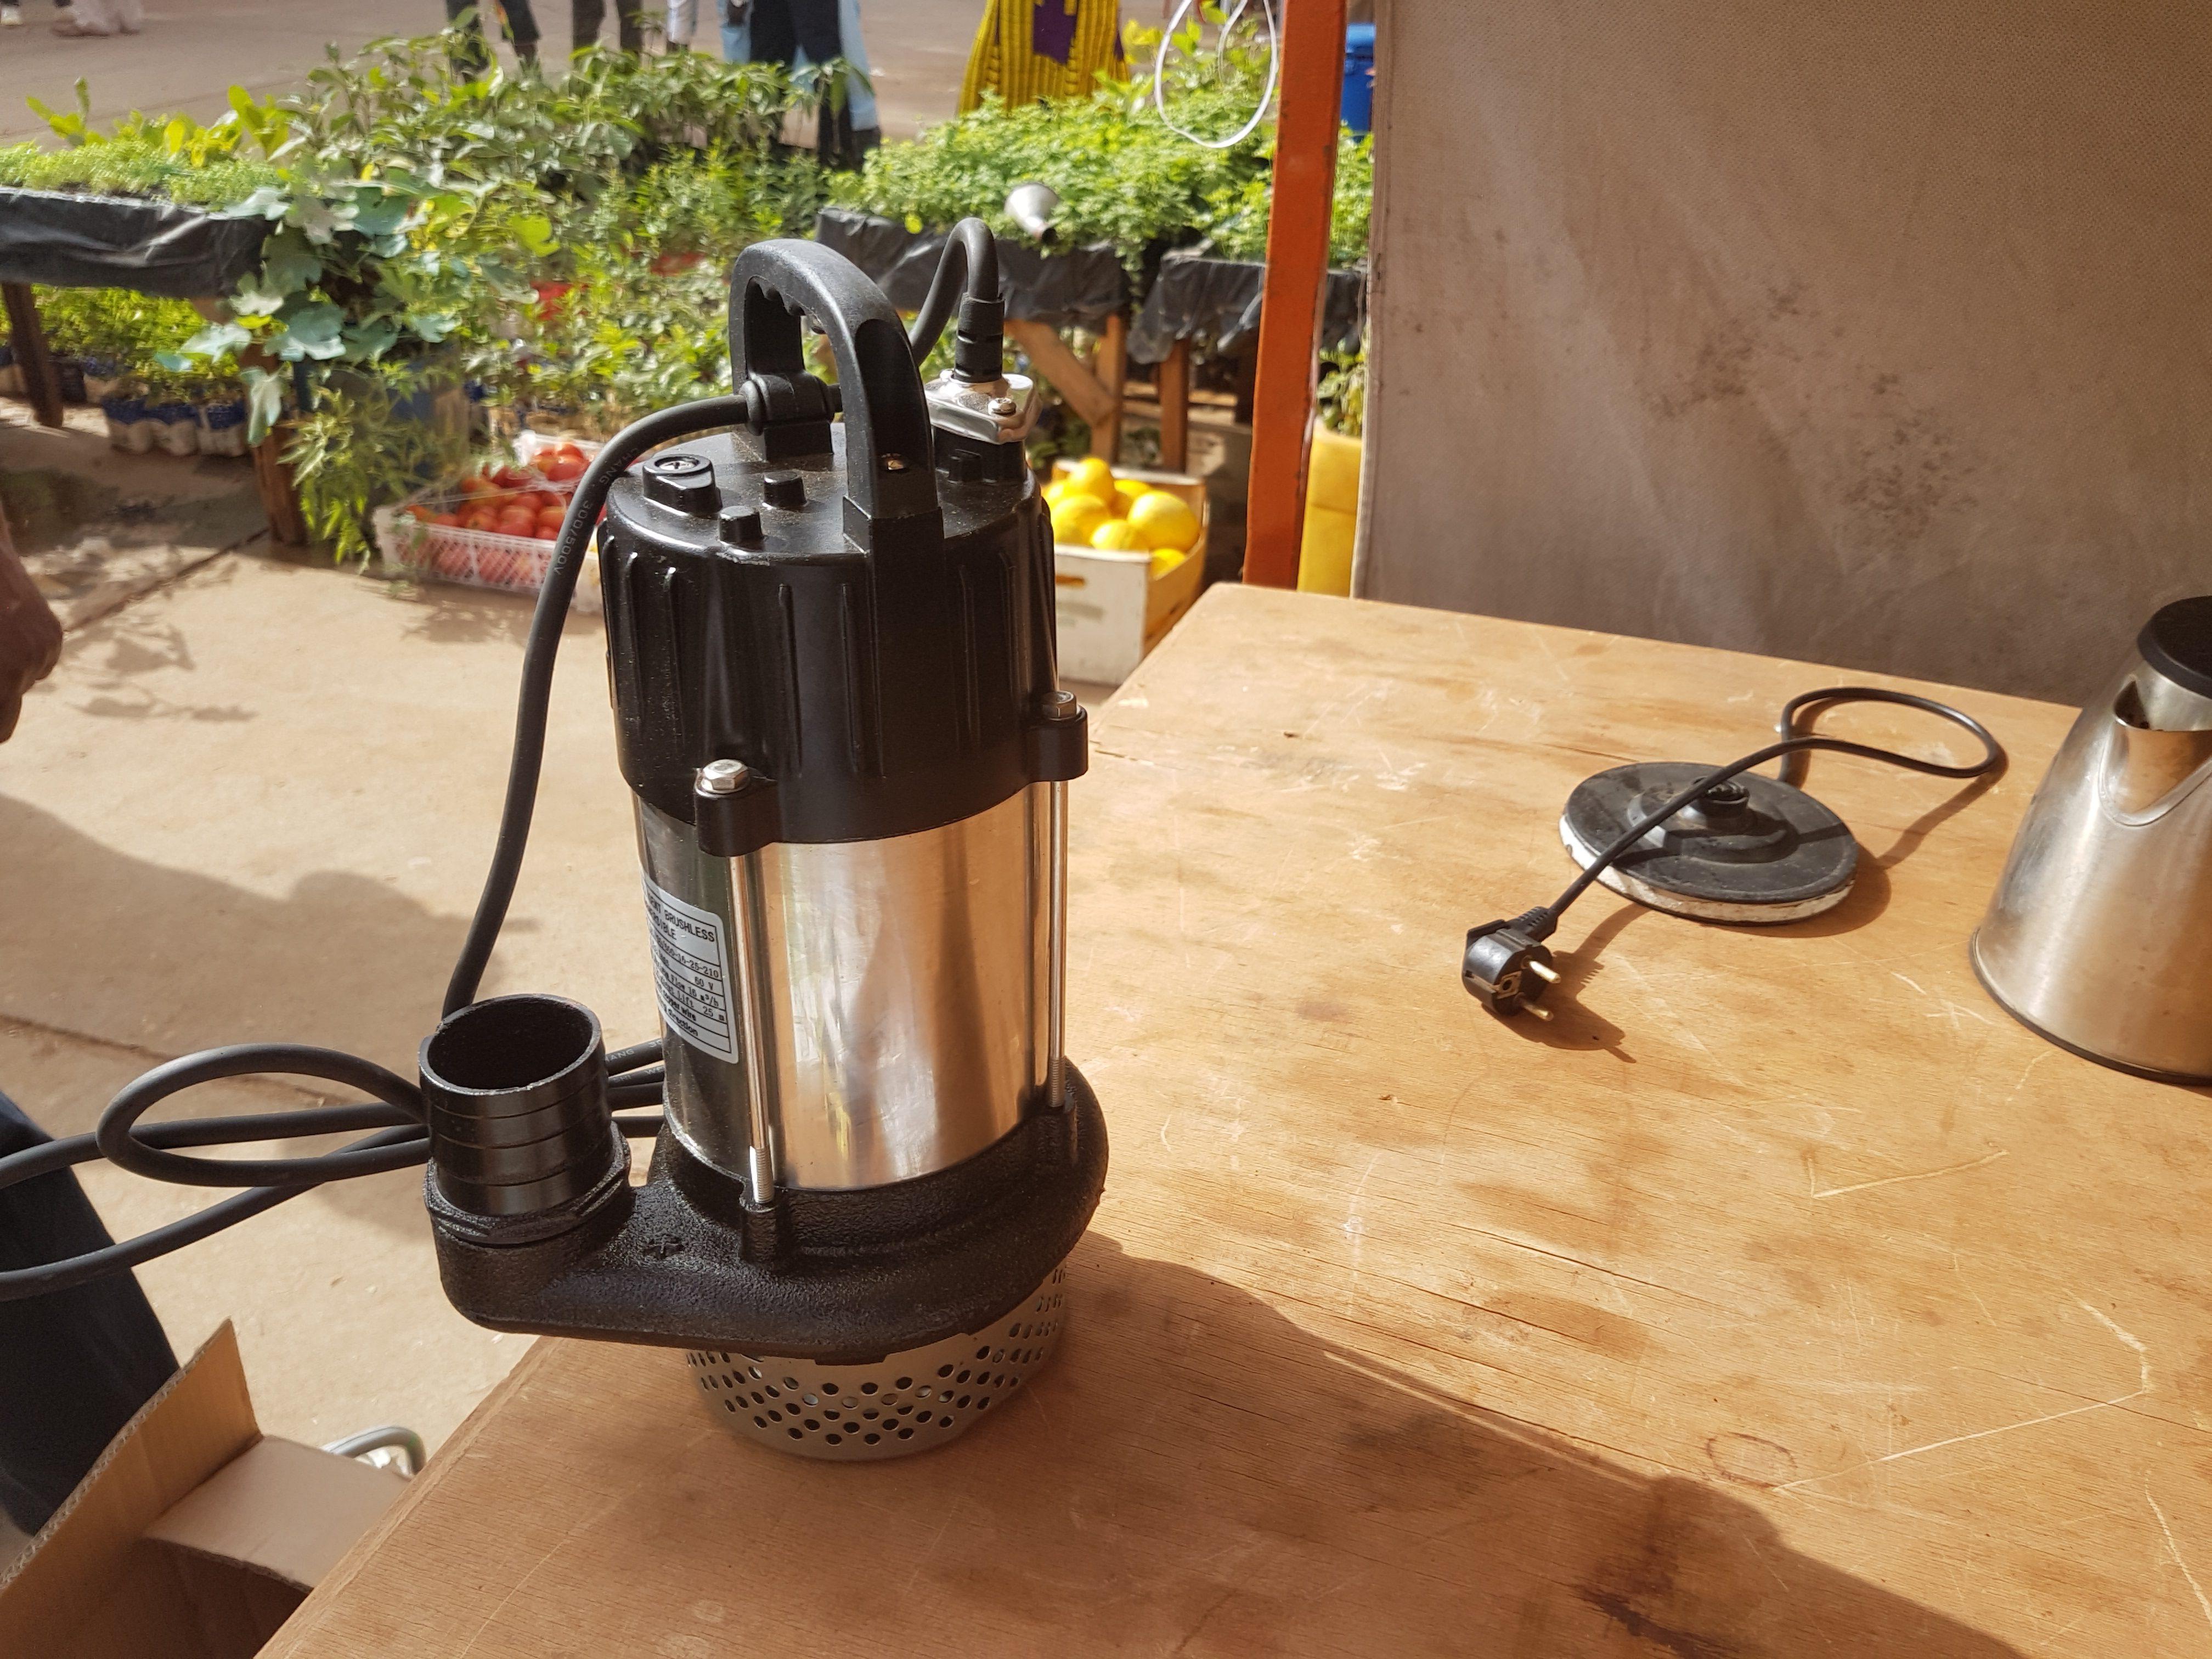 Des pompes solaires accessible aux irrigants